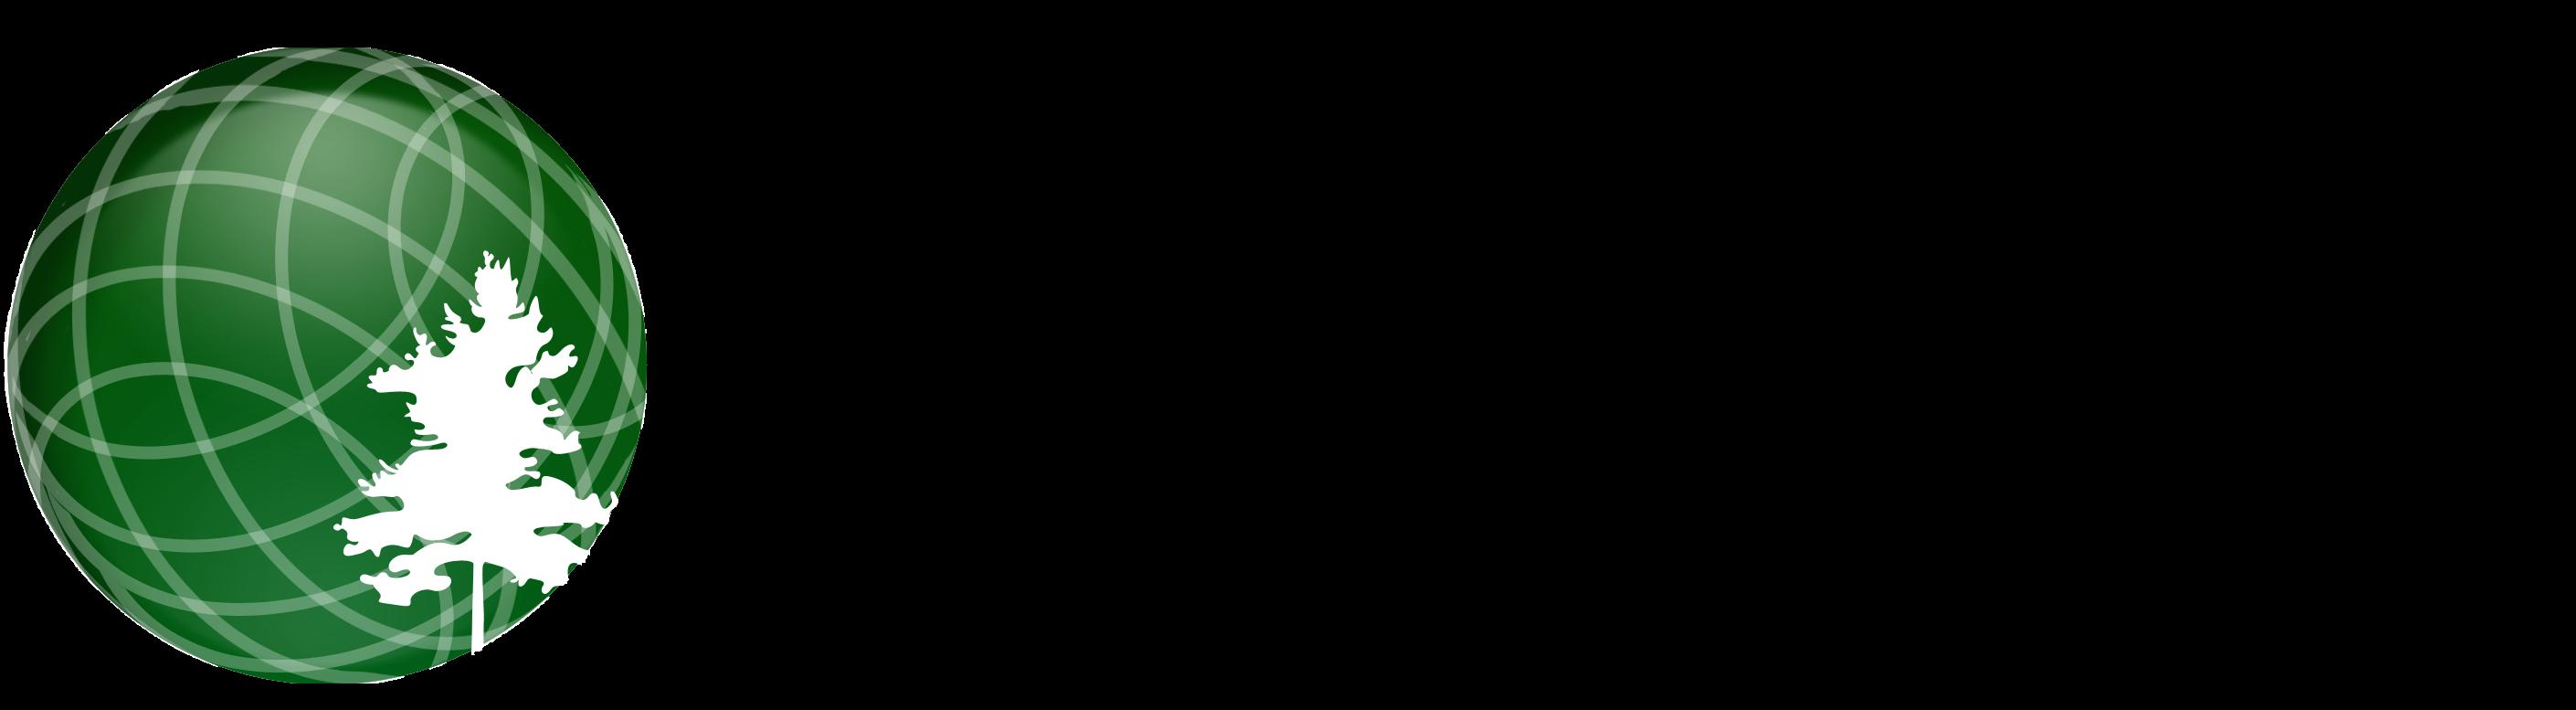 SilviaTerra logo